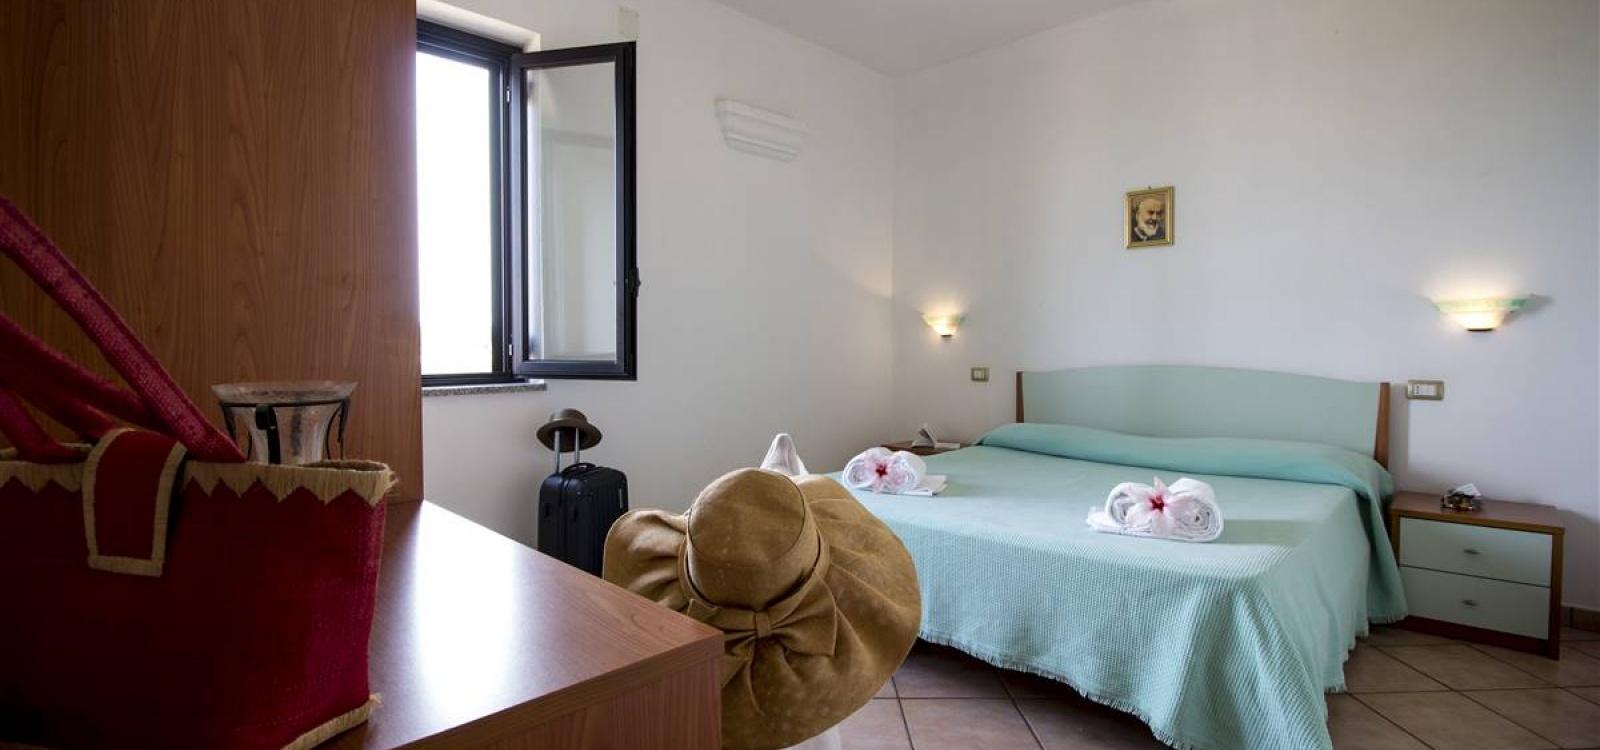 Camera residence Due Mari a Capo Vaticano